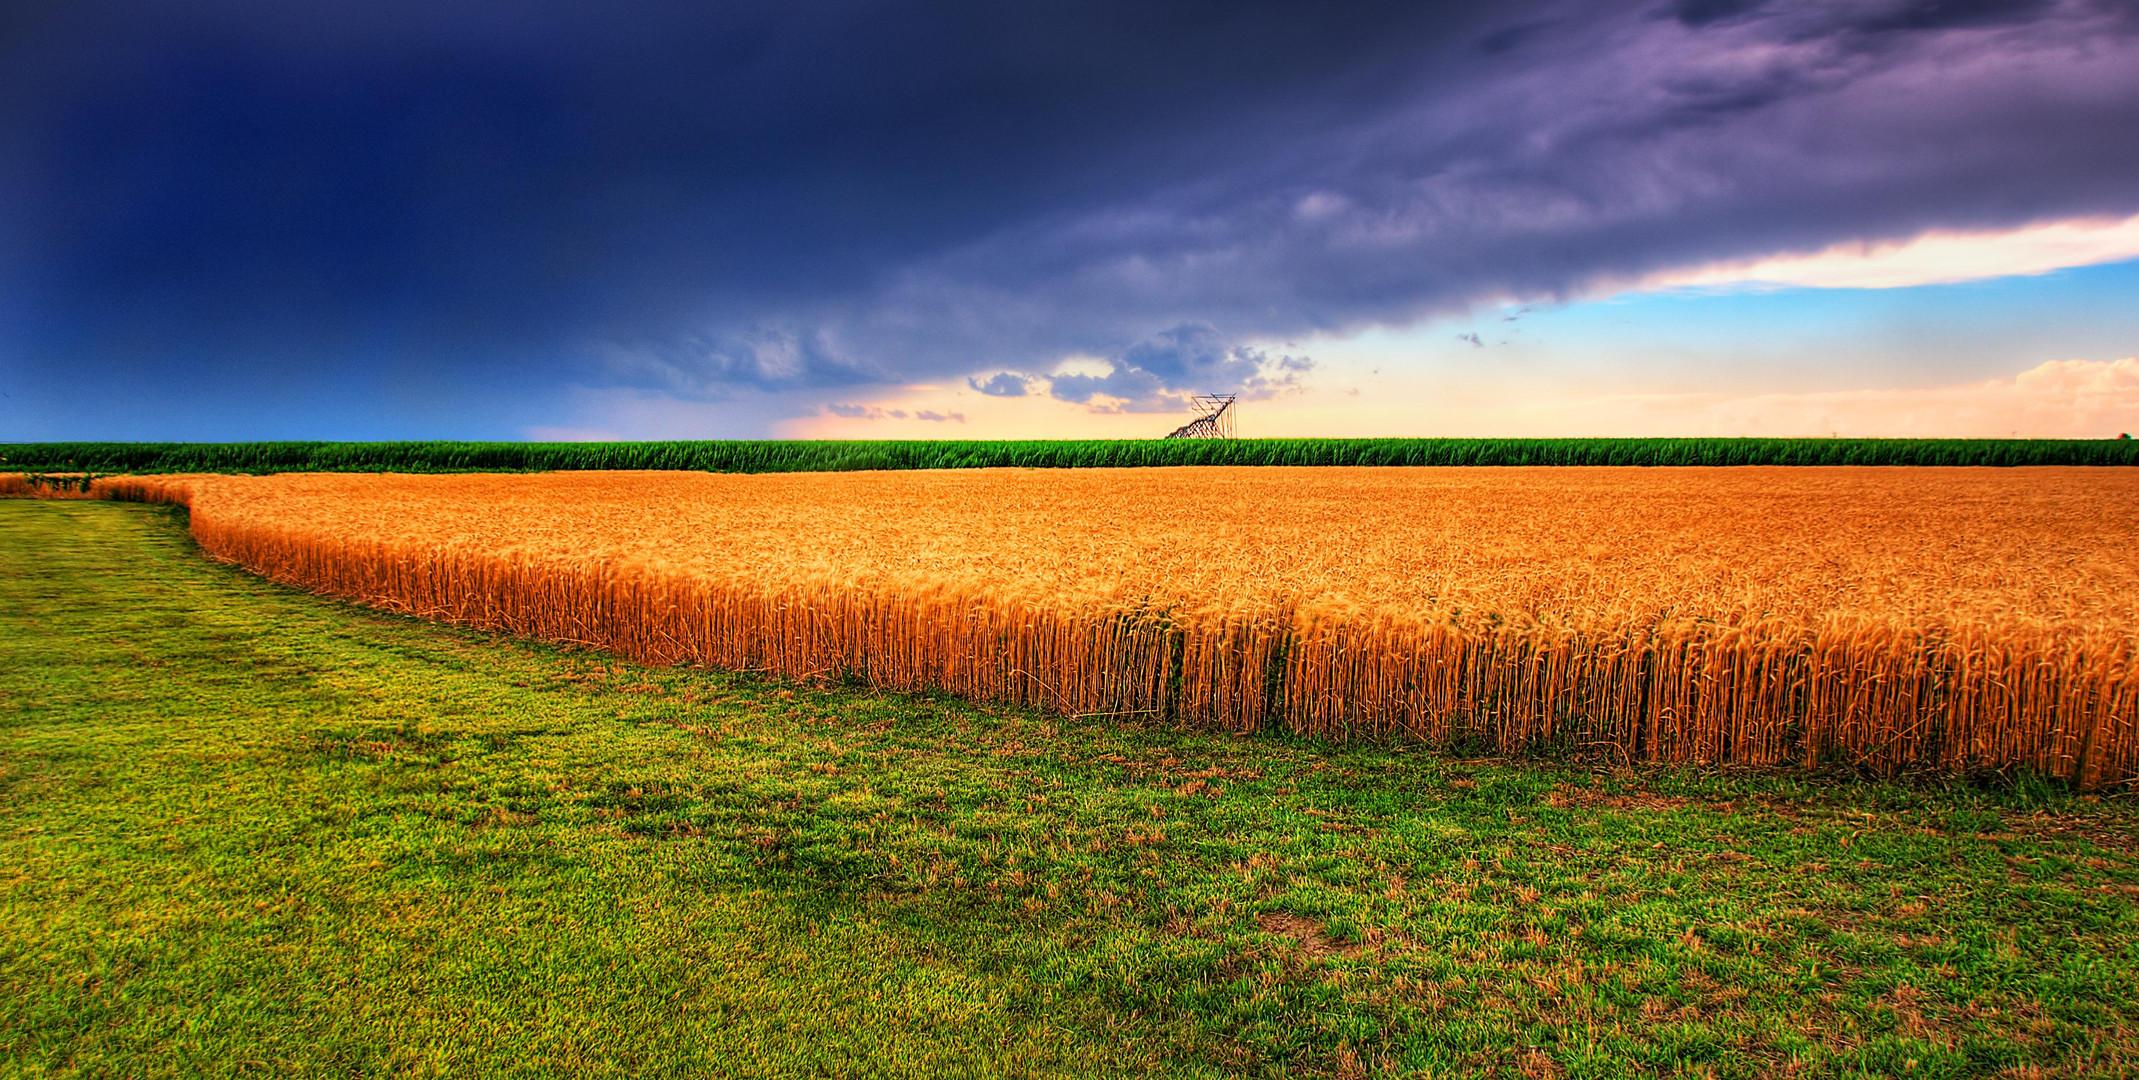 Kansas_Summer_Wheat_and_Storm_Panorama.jpg